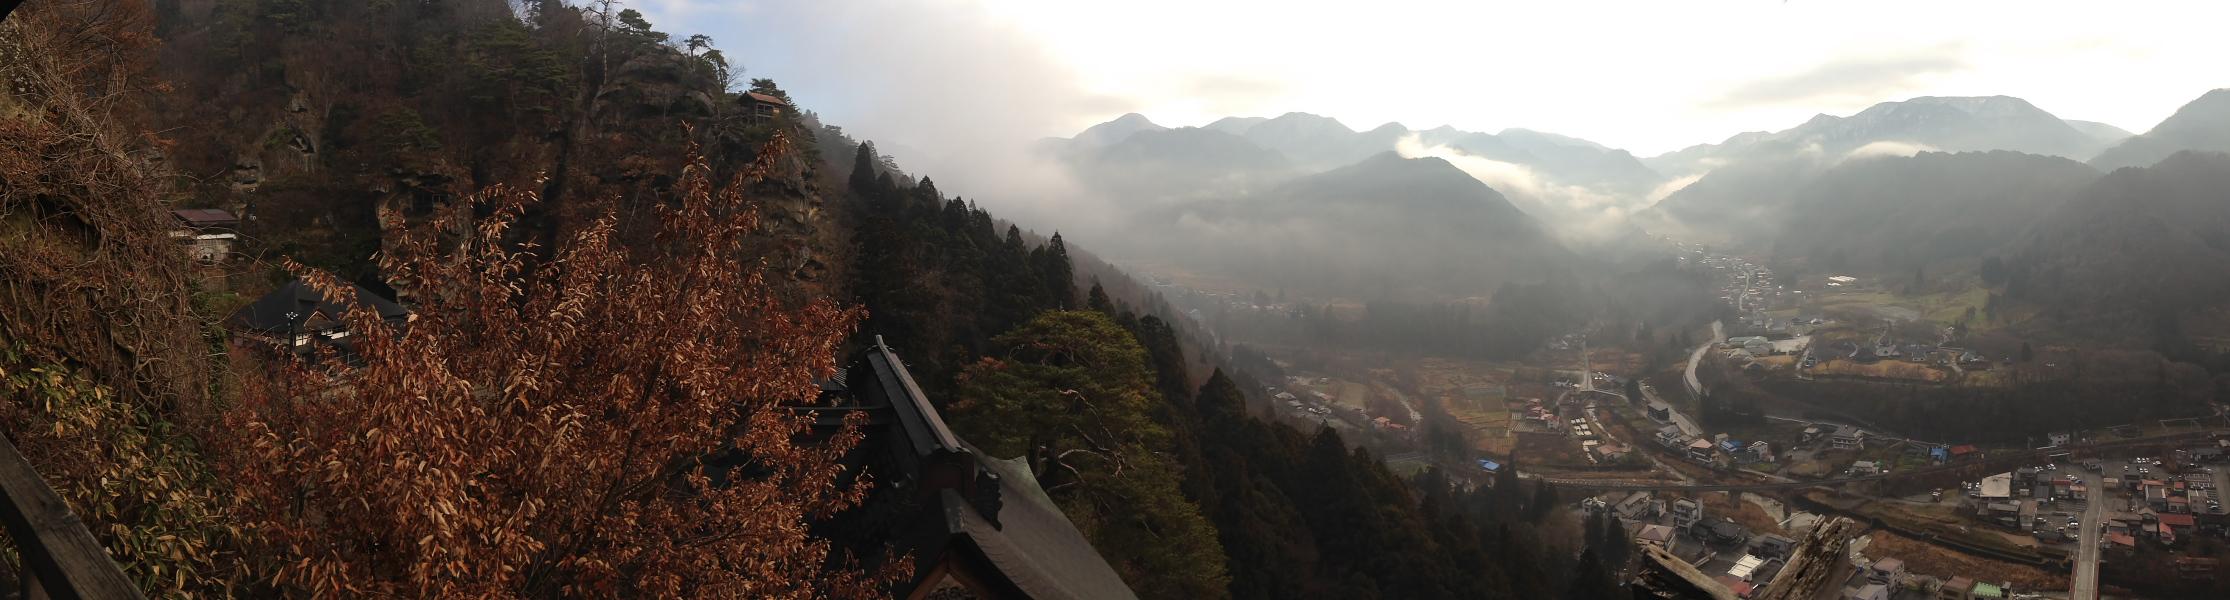 五大堂からの眺めのパノラマ写真。右の岩の上には赤い屋根の釈迦堂も見える(釈迦堂は参拝客は立ち入り禁止)